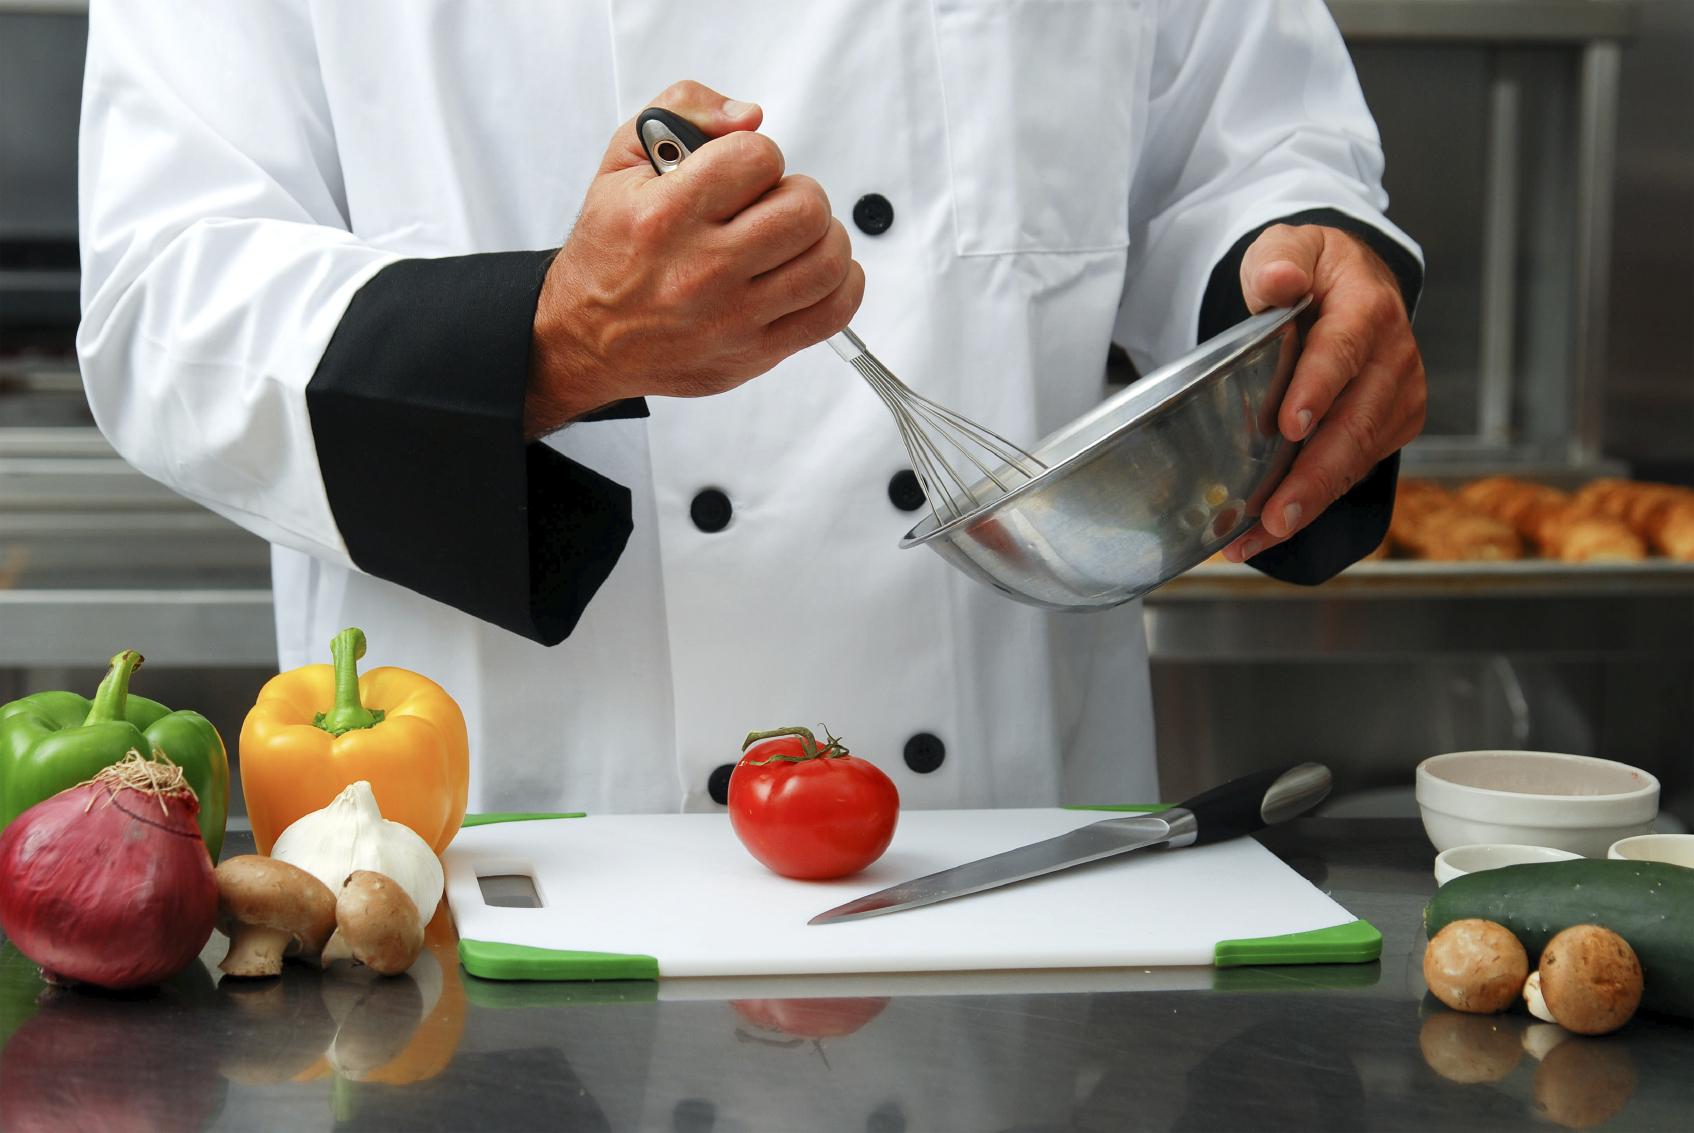 Chef De Cocina | Restaurante Busca Cocinero Ayudante De Cocina Y Mozo 12 Noticias